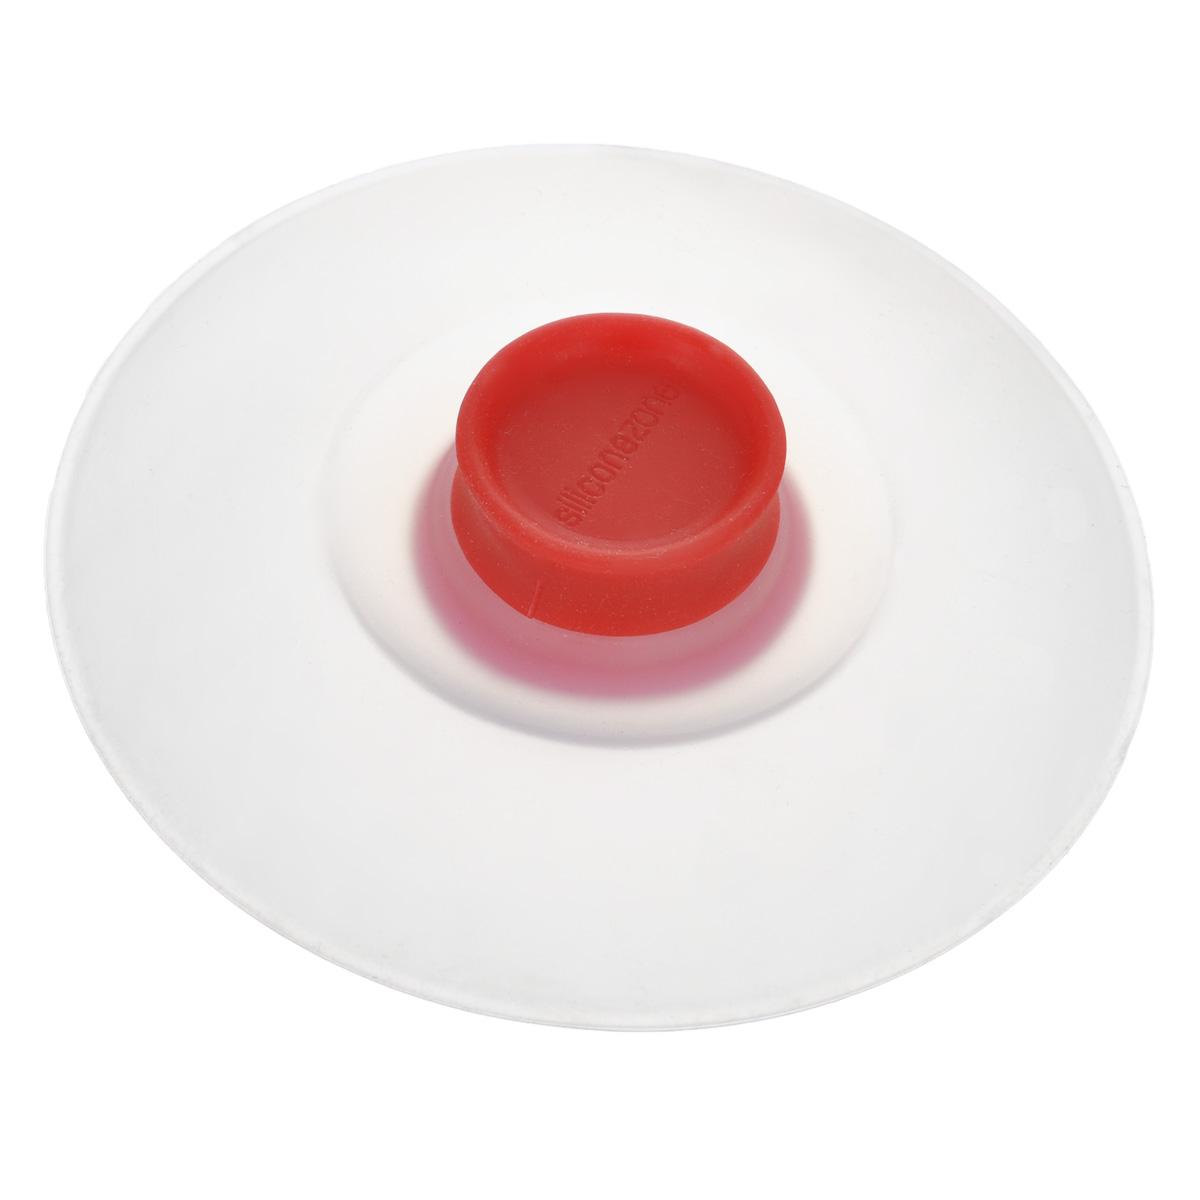 """Крышка для заваривания чая """"Siliconezone"""", цвет: красный, диаметр 10,5 см"""